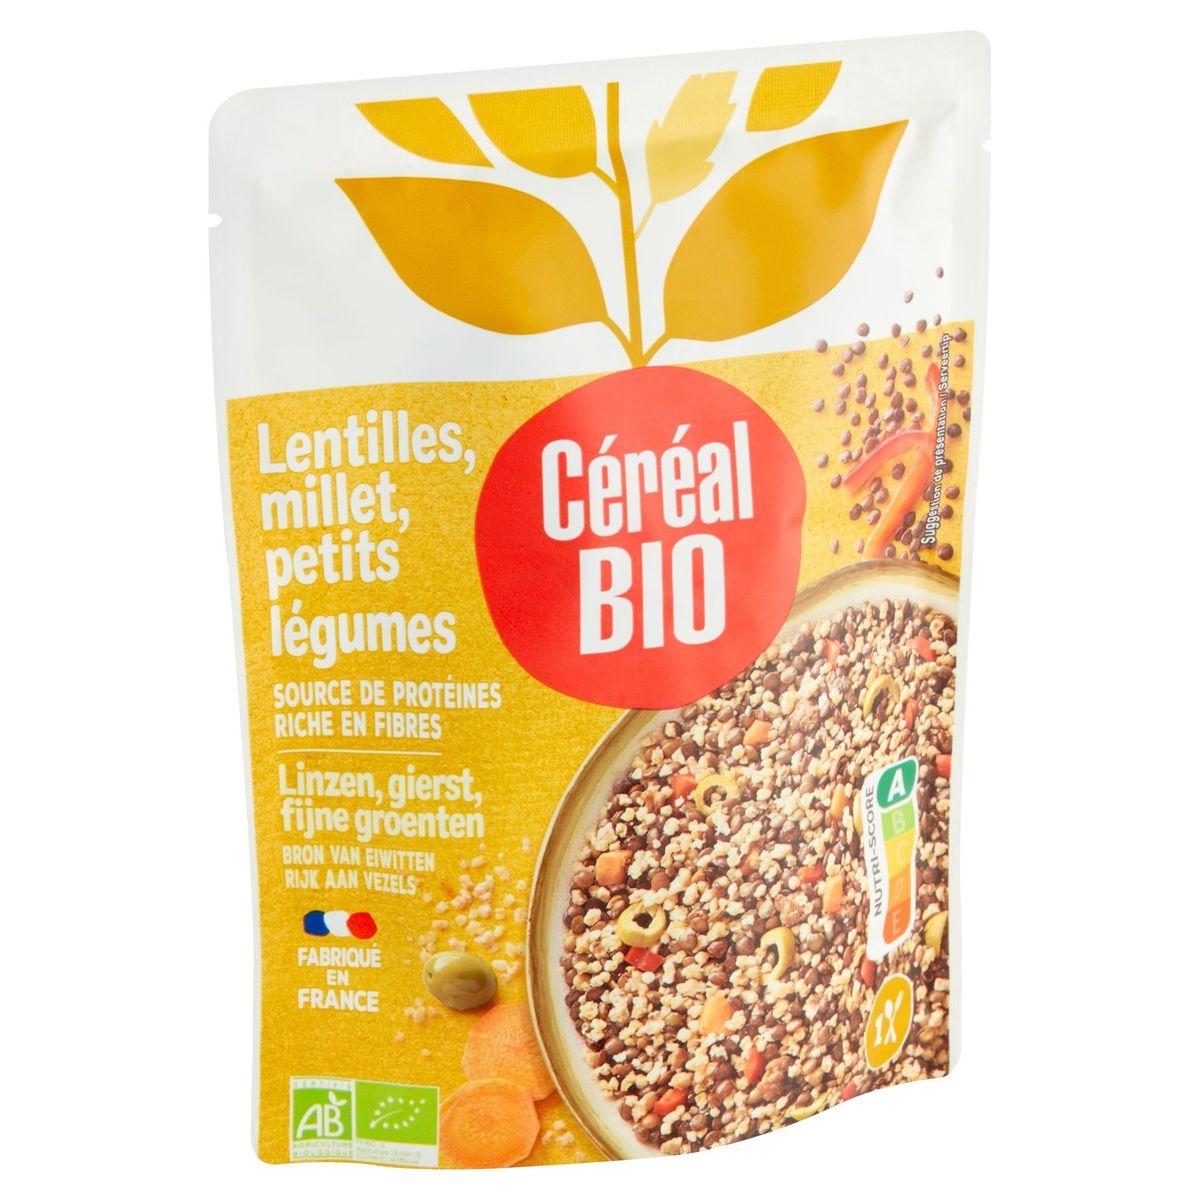 Céréal Bio Lentilles, Millet, Petits Légumes 250 g